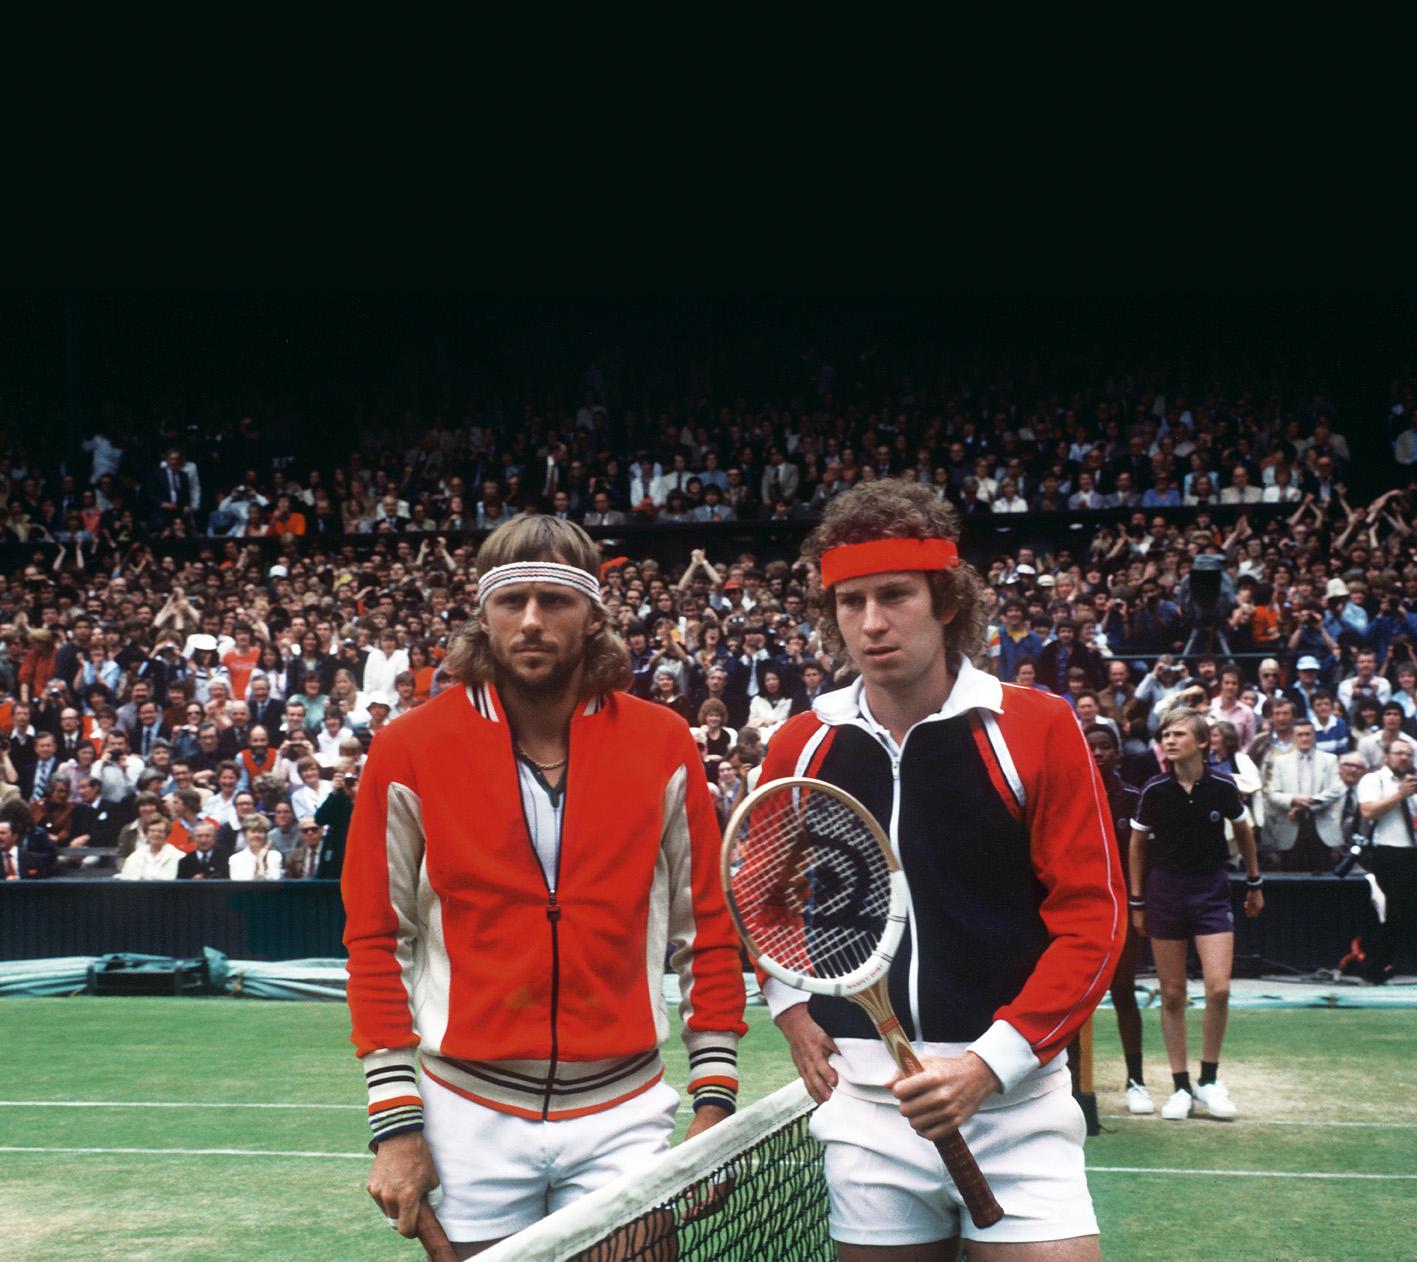 Wimbledon Championships 1980